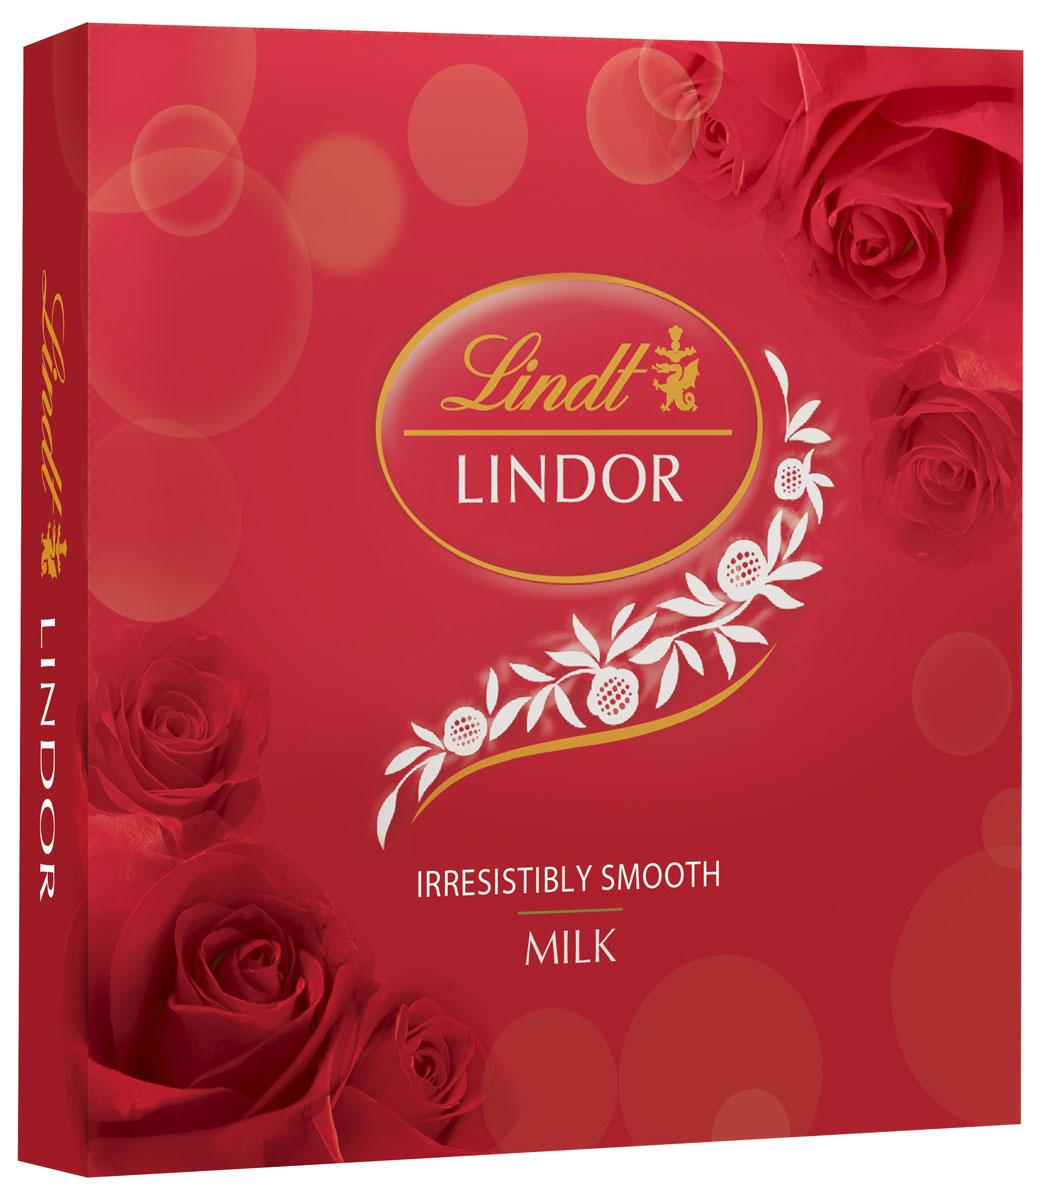 Lindt Линдор Конфеты из молочного шоколада, 125 г4620012750586Конфеты из молочного шоколада с нежной, тающей начинкой.